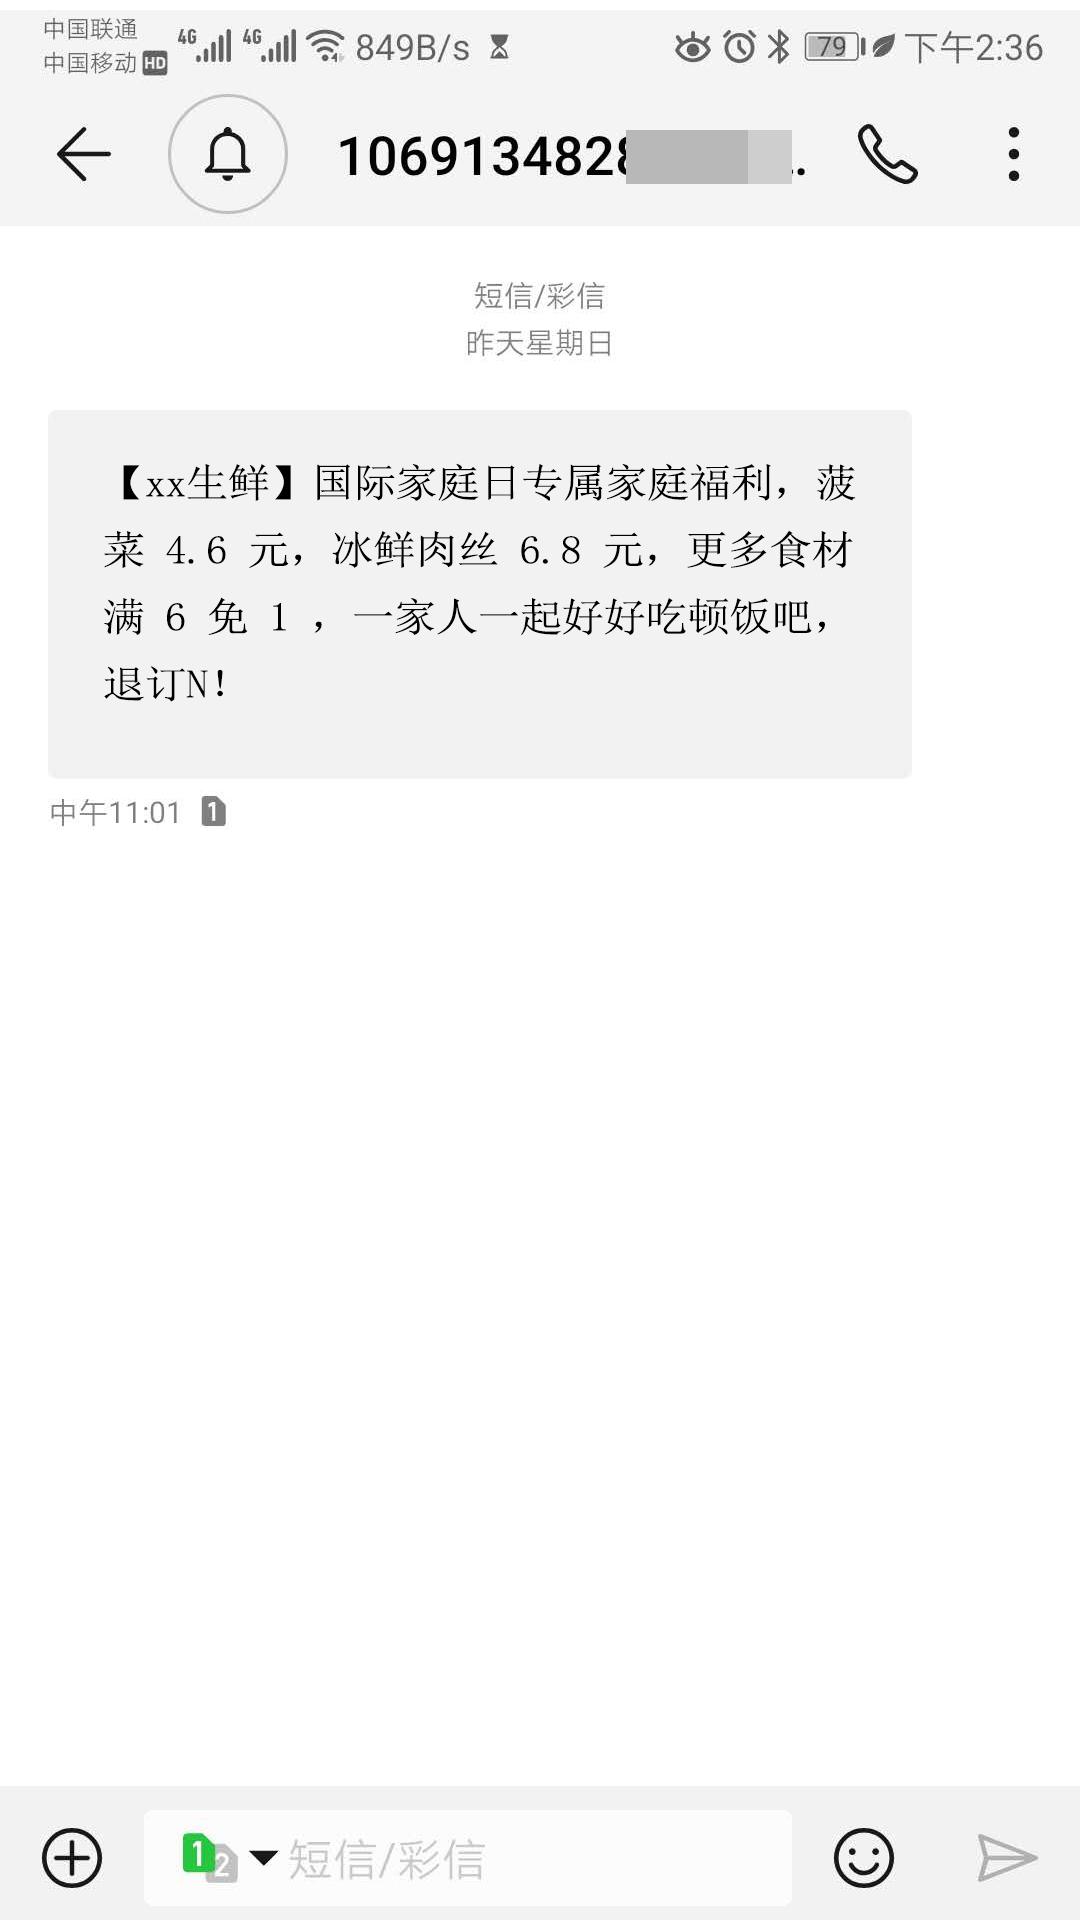 生鲜行业群发短信营销示例.jpg